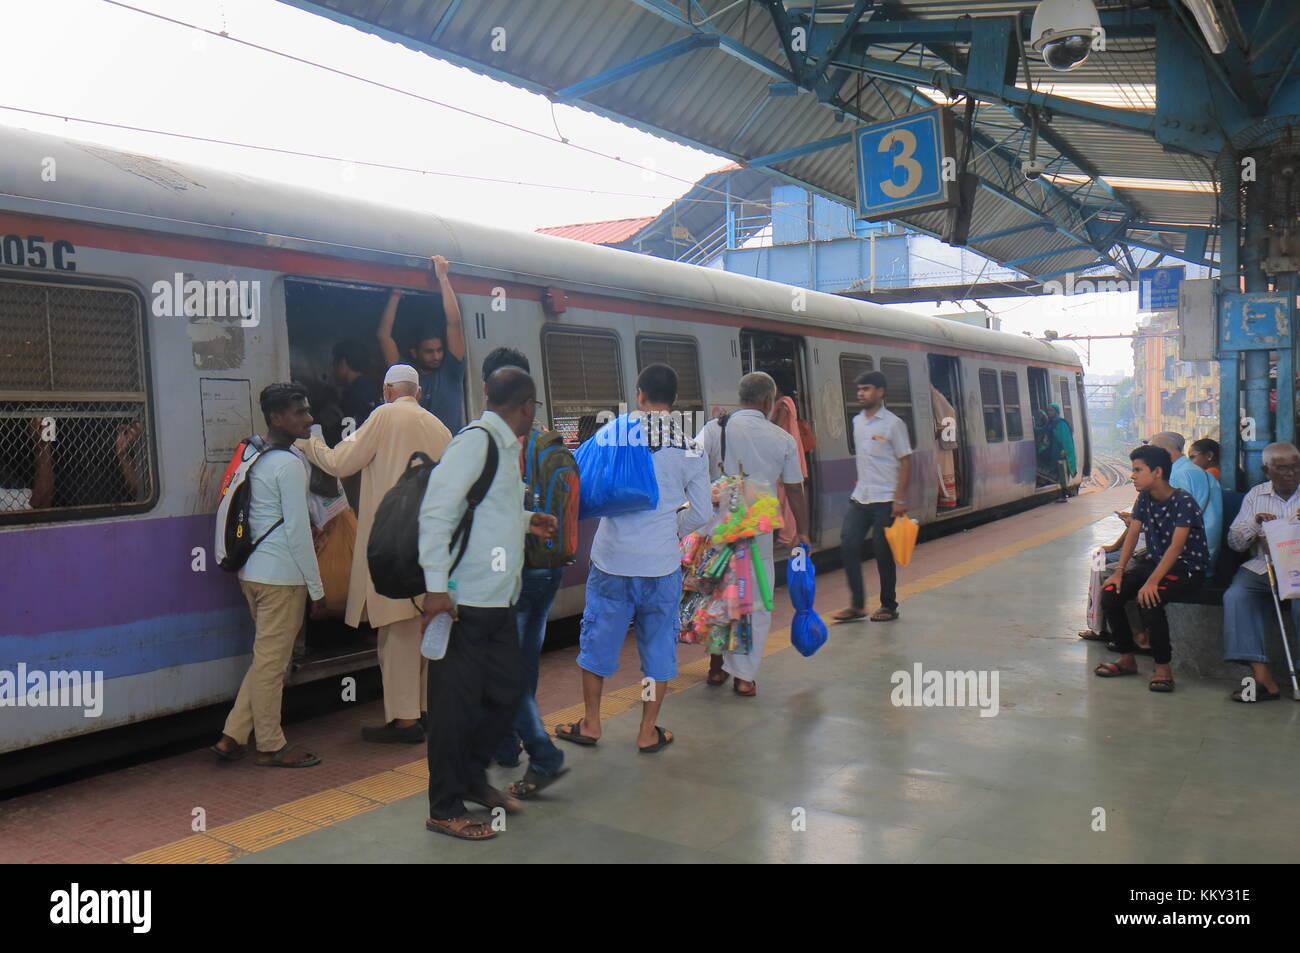 Les gens voyagent en train urbain au centre-ville de Mumbai en Inde. Banque D'Images